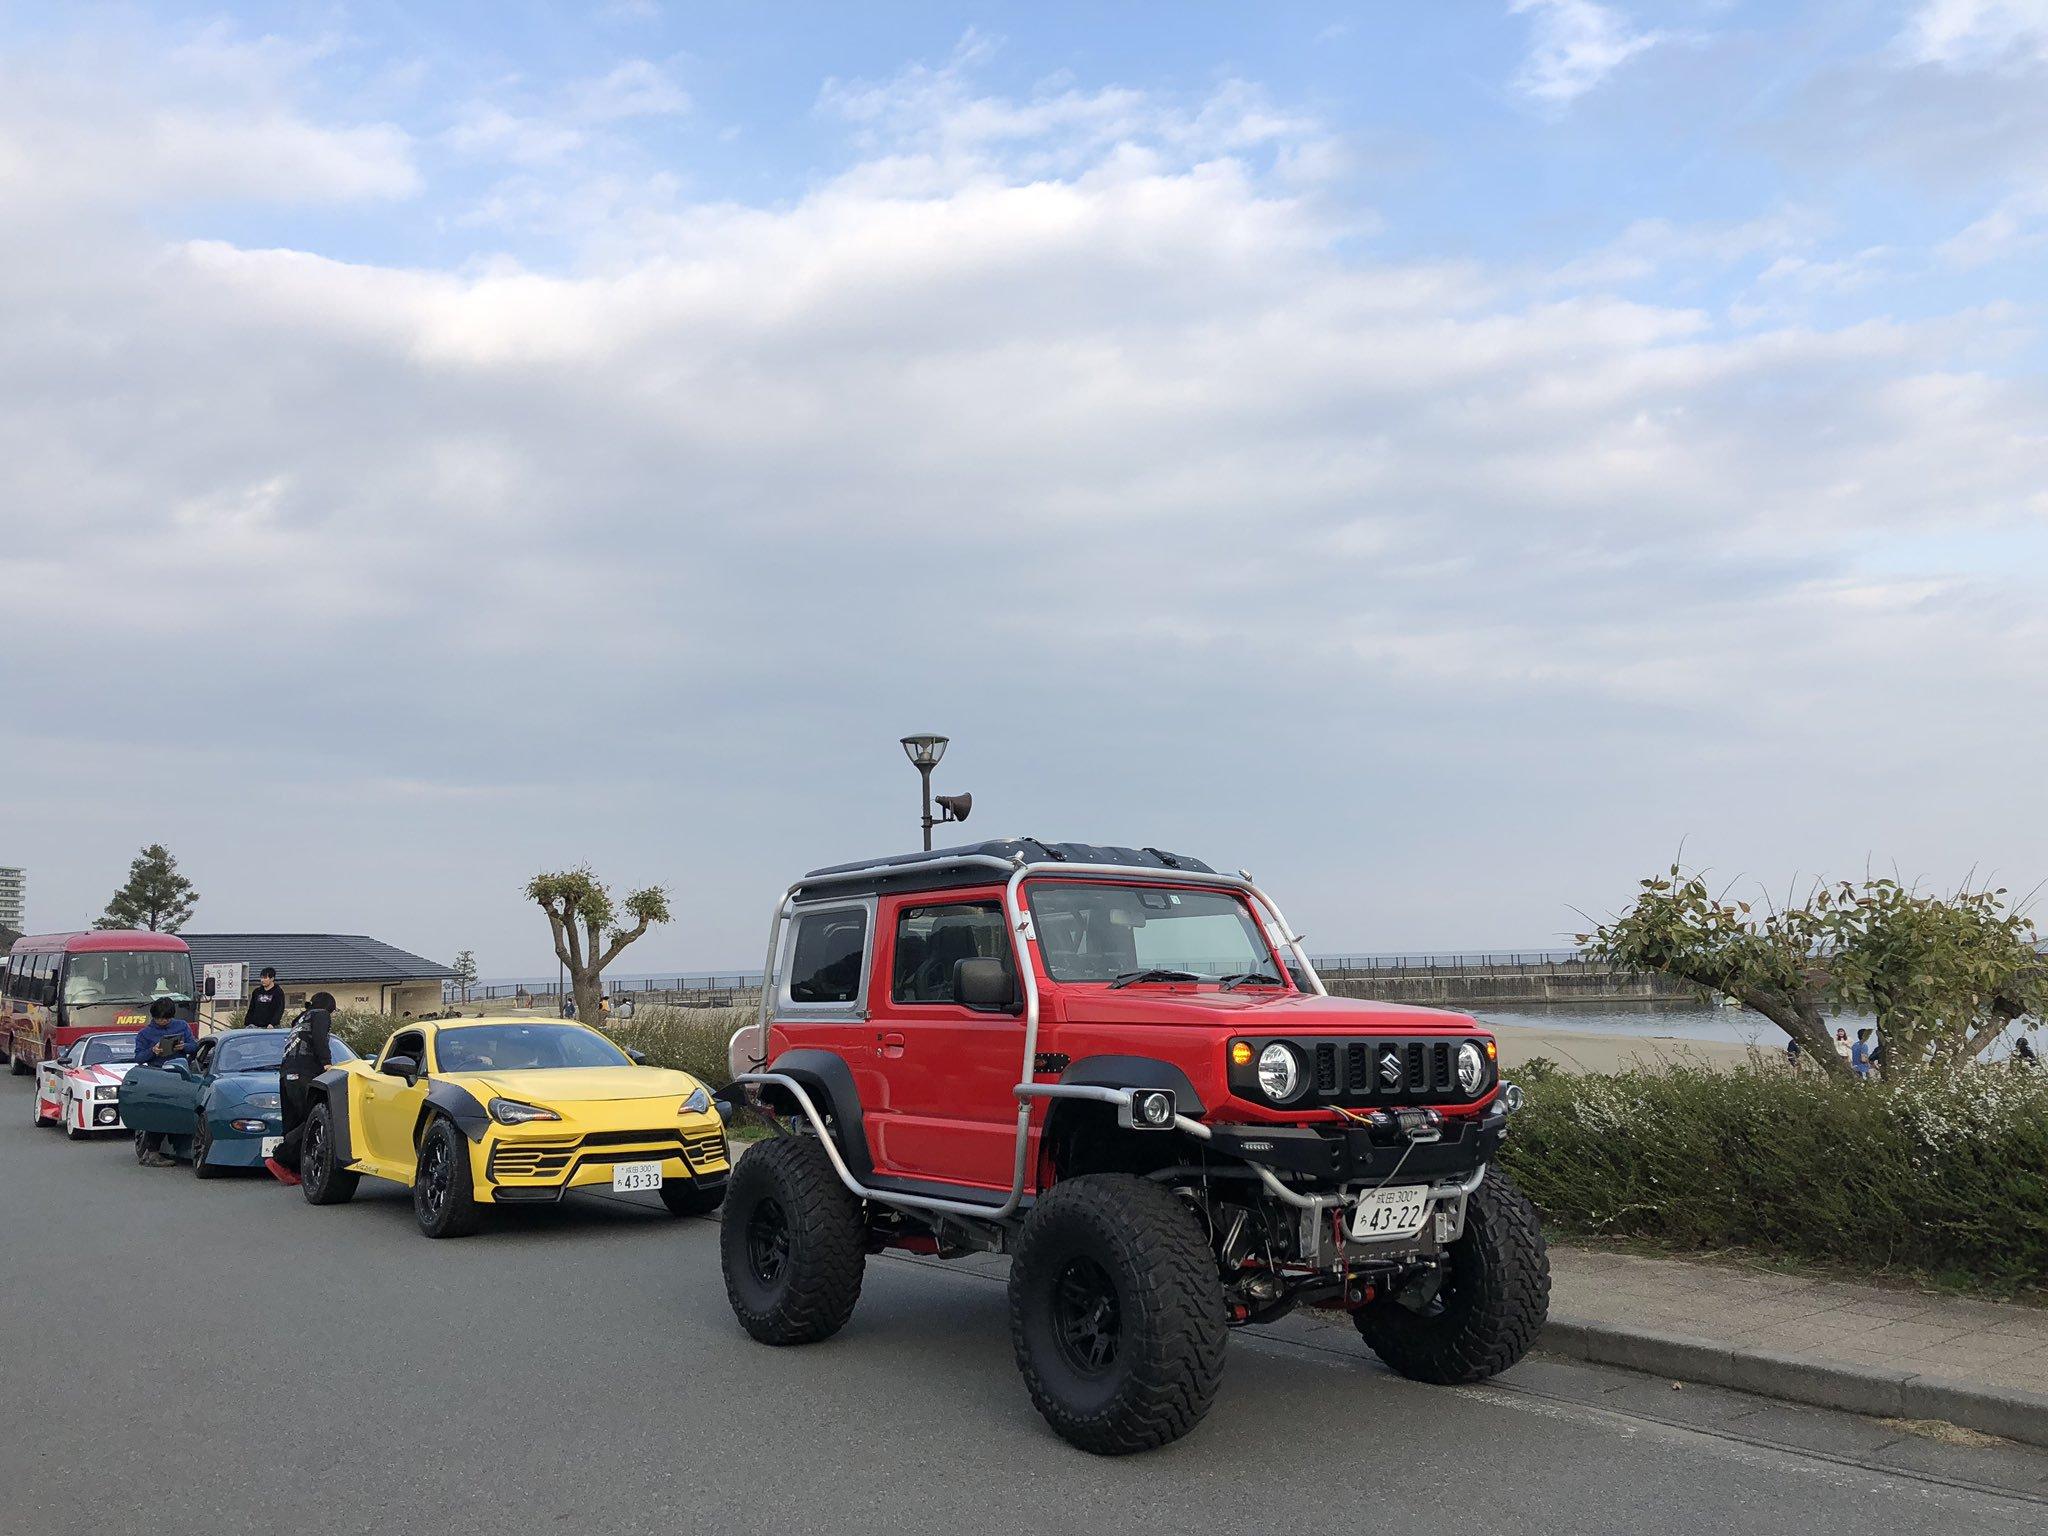 Suzuki-Jimny-Monster-Truck-1